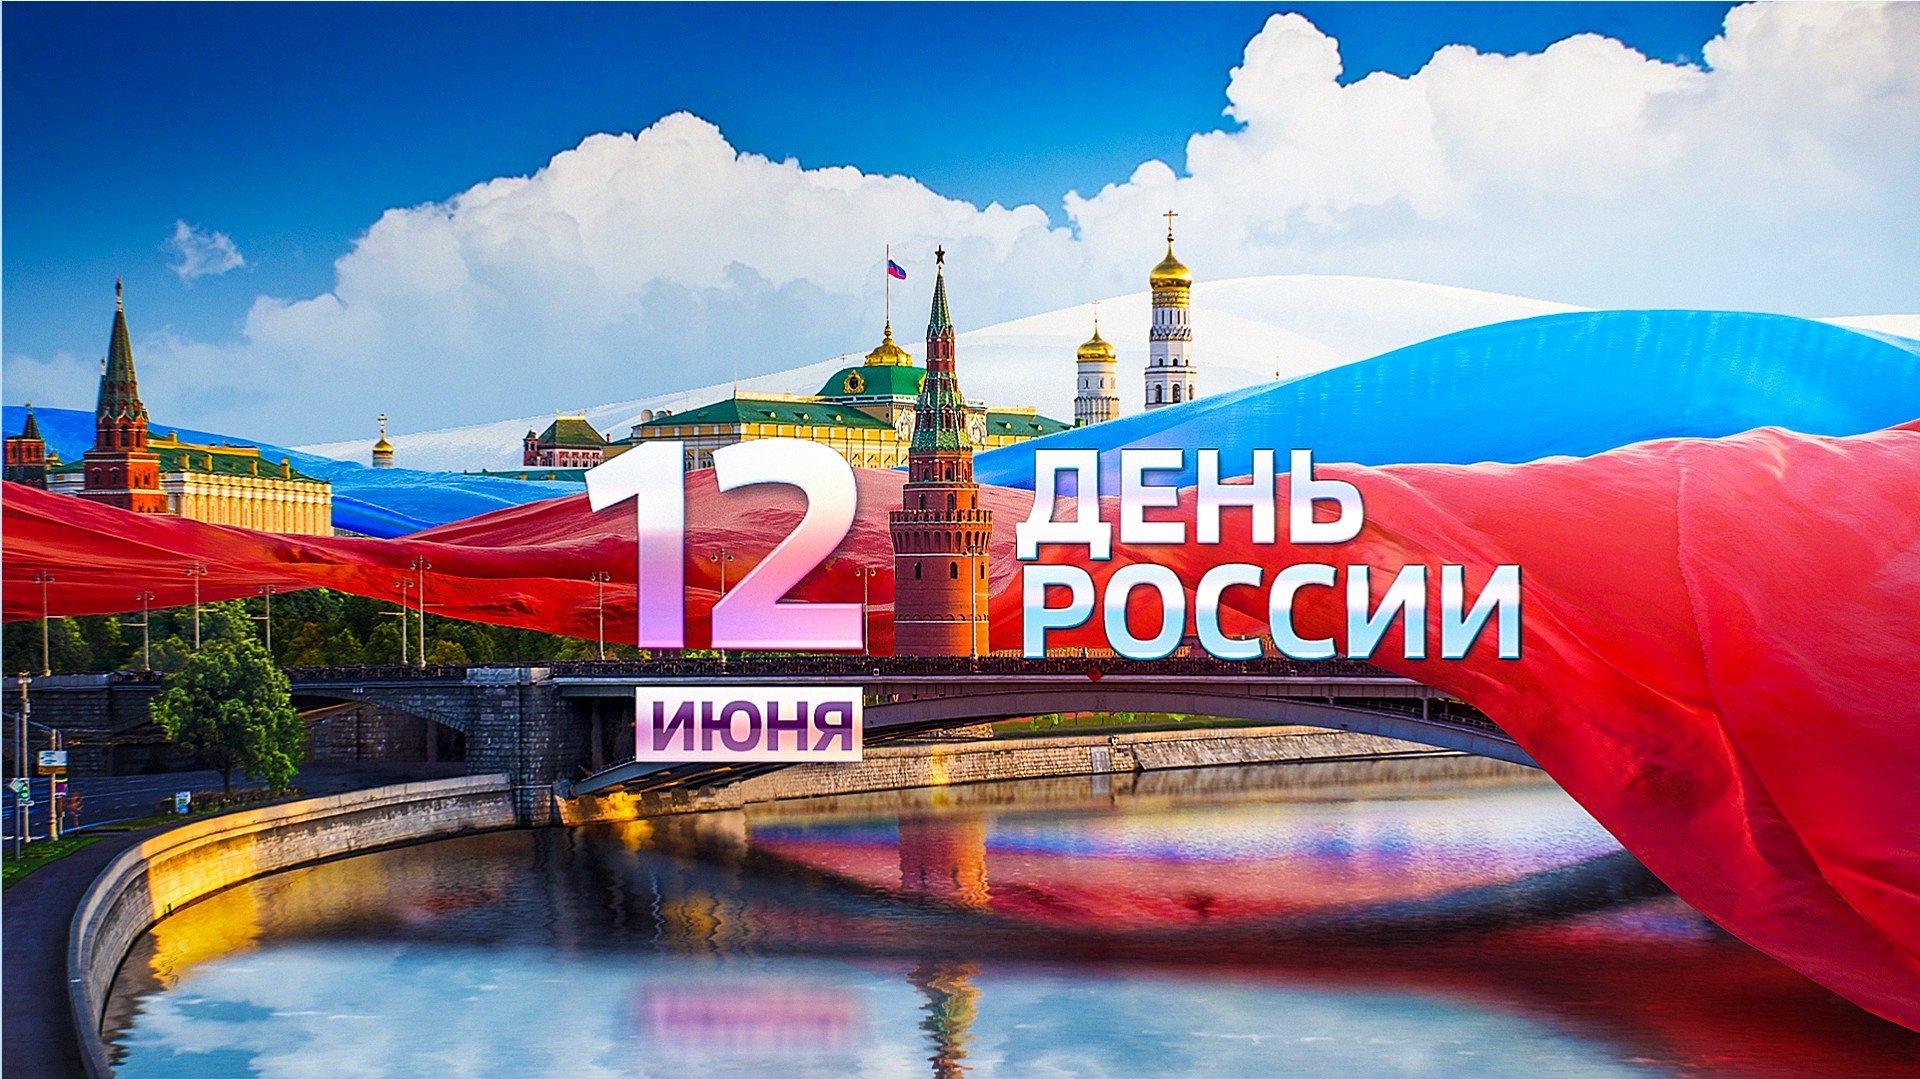 С днем россии открытки стильные